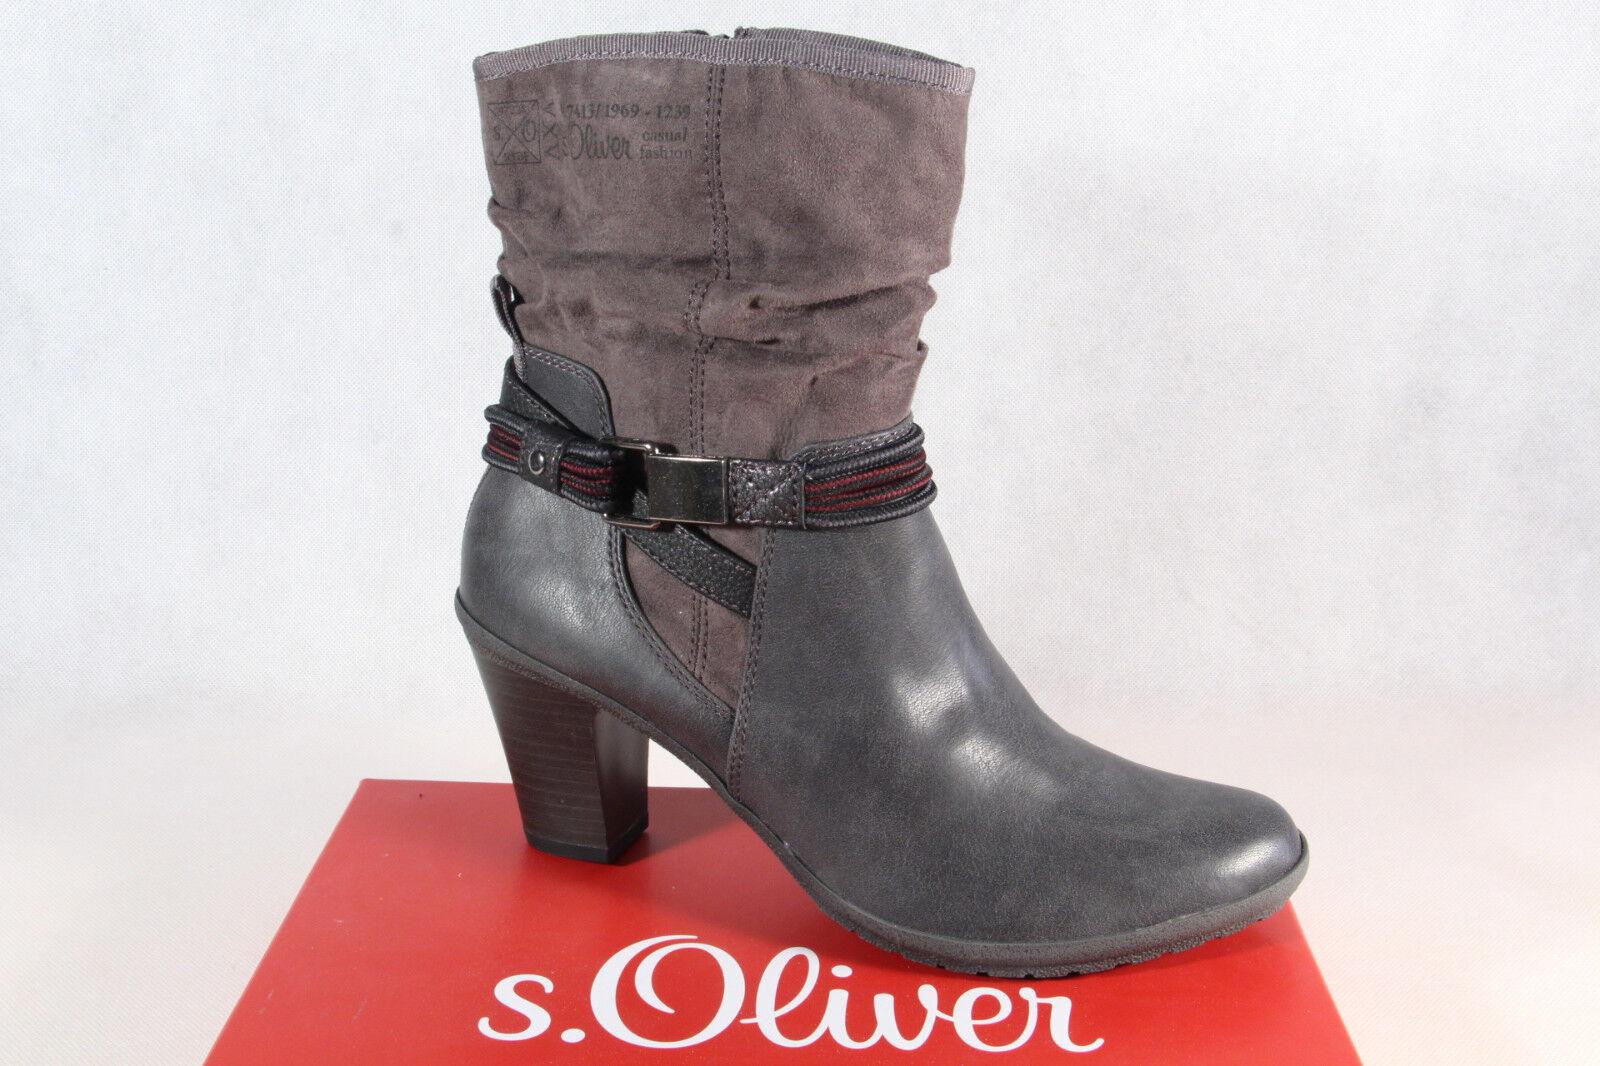 S.Oliver Stiefellete Creme Neu 41 Gr. Schuhe Stiefel